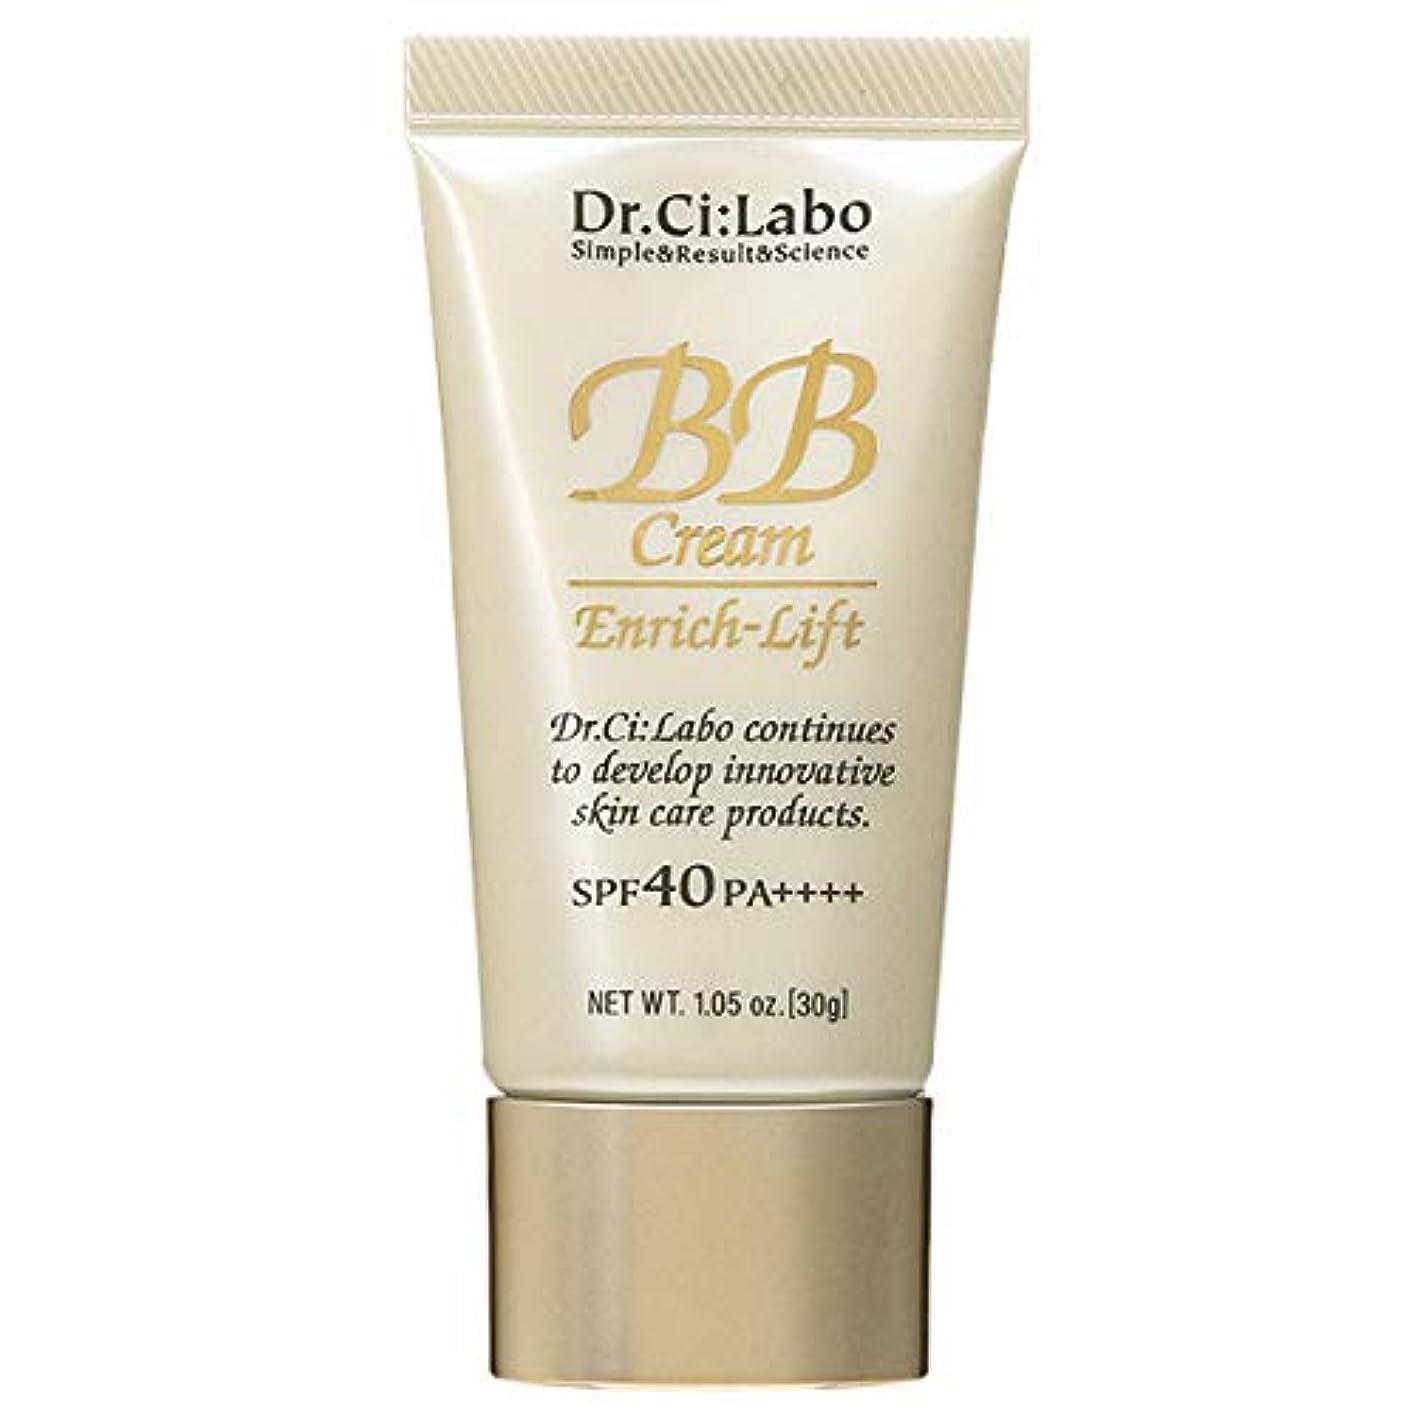 どう?編集する準備ドクターシーラボ Dr.Ci:Labo BBクリーム エンリッチリフトLN18 SPF40 PA++++ 30g